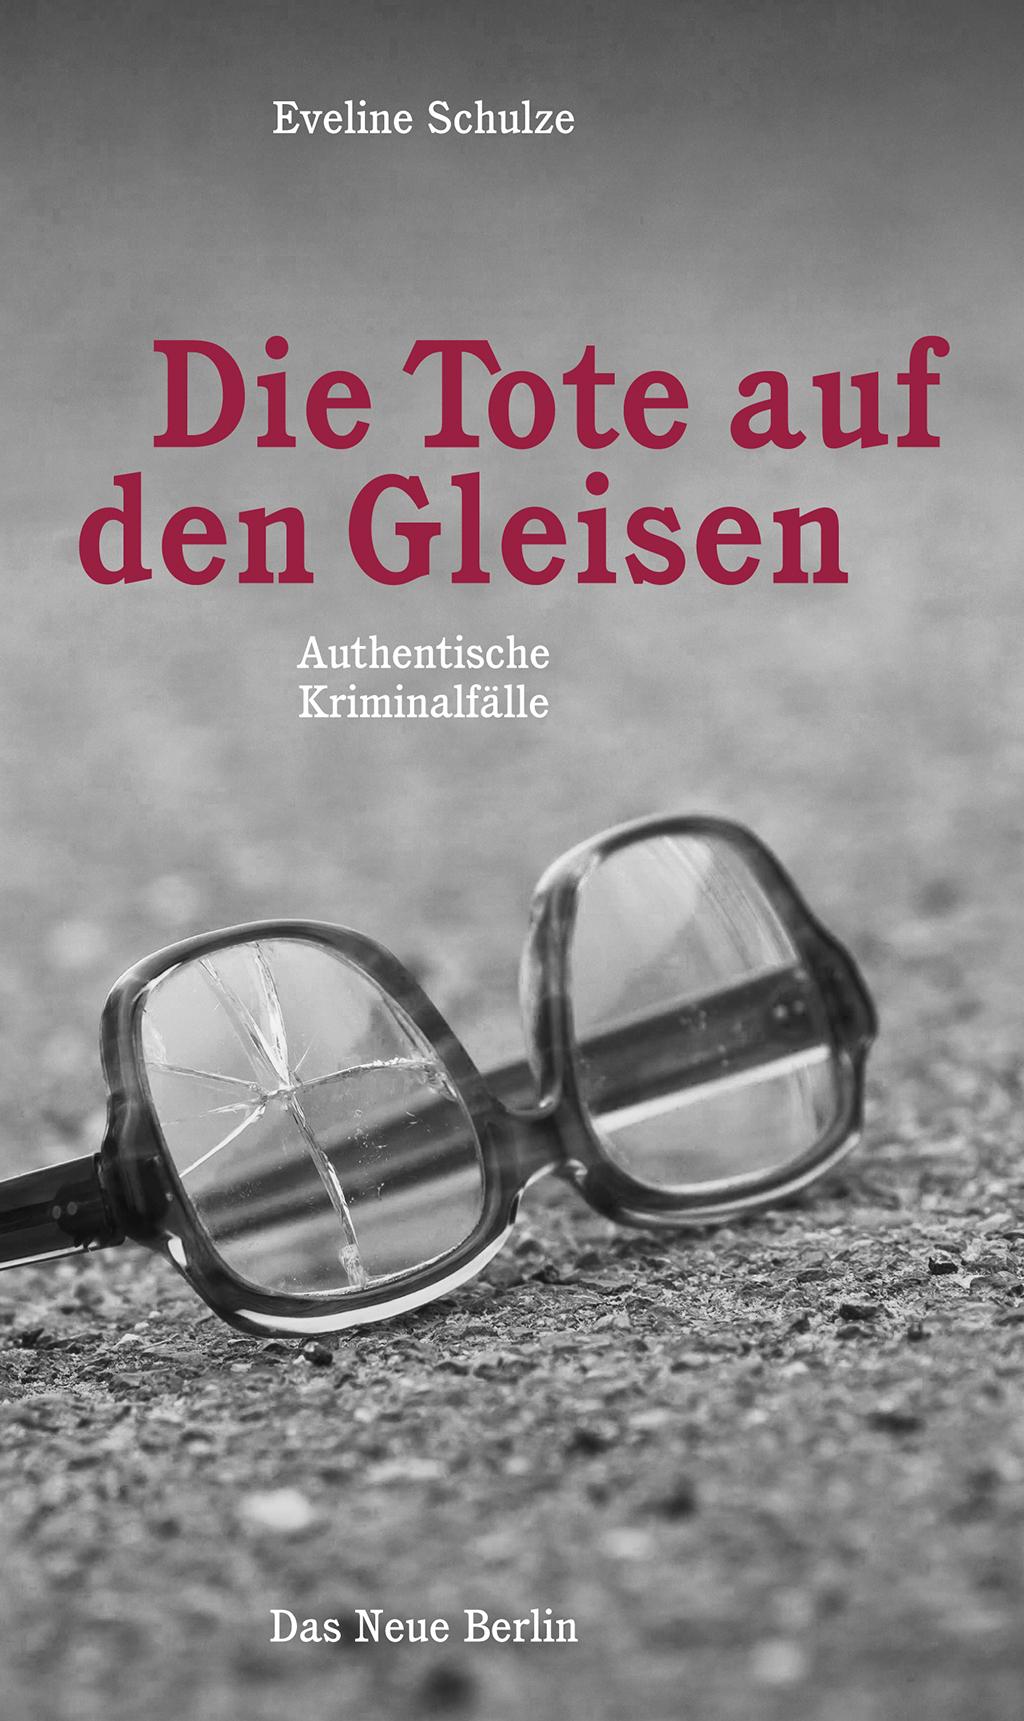 Die Tote auf den Gleisen: Authentische Kriminalfälle Eveline Schulze